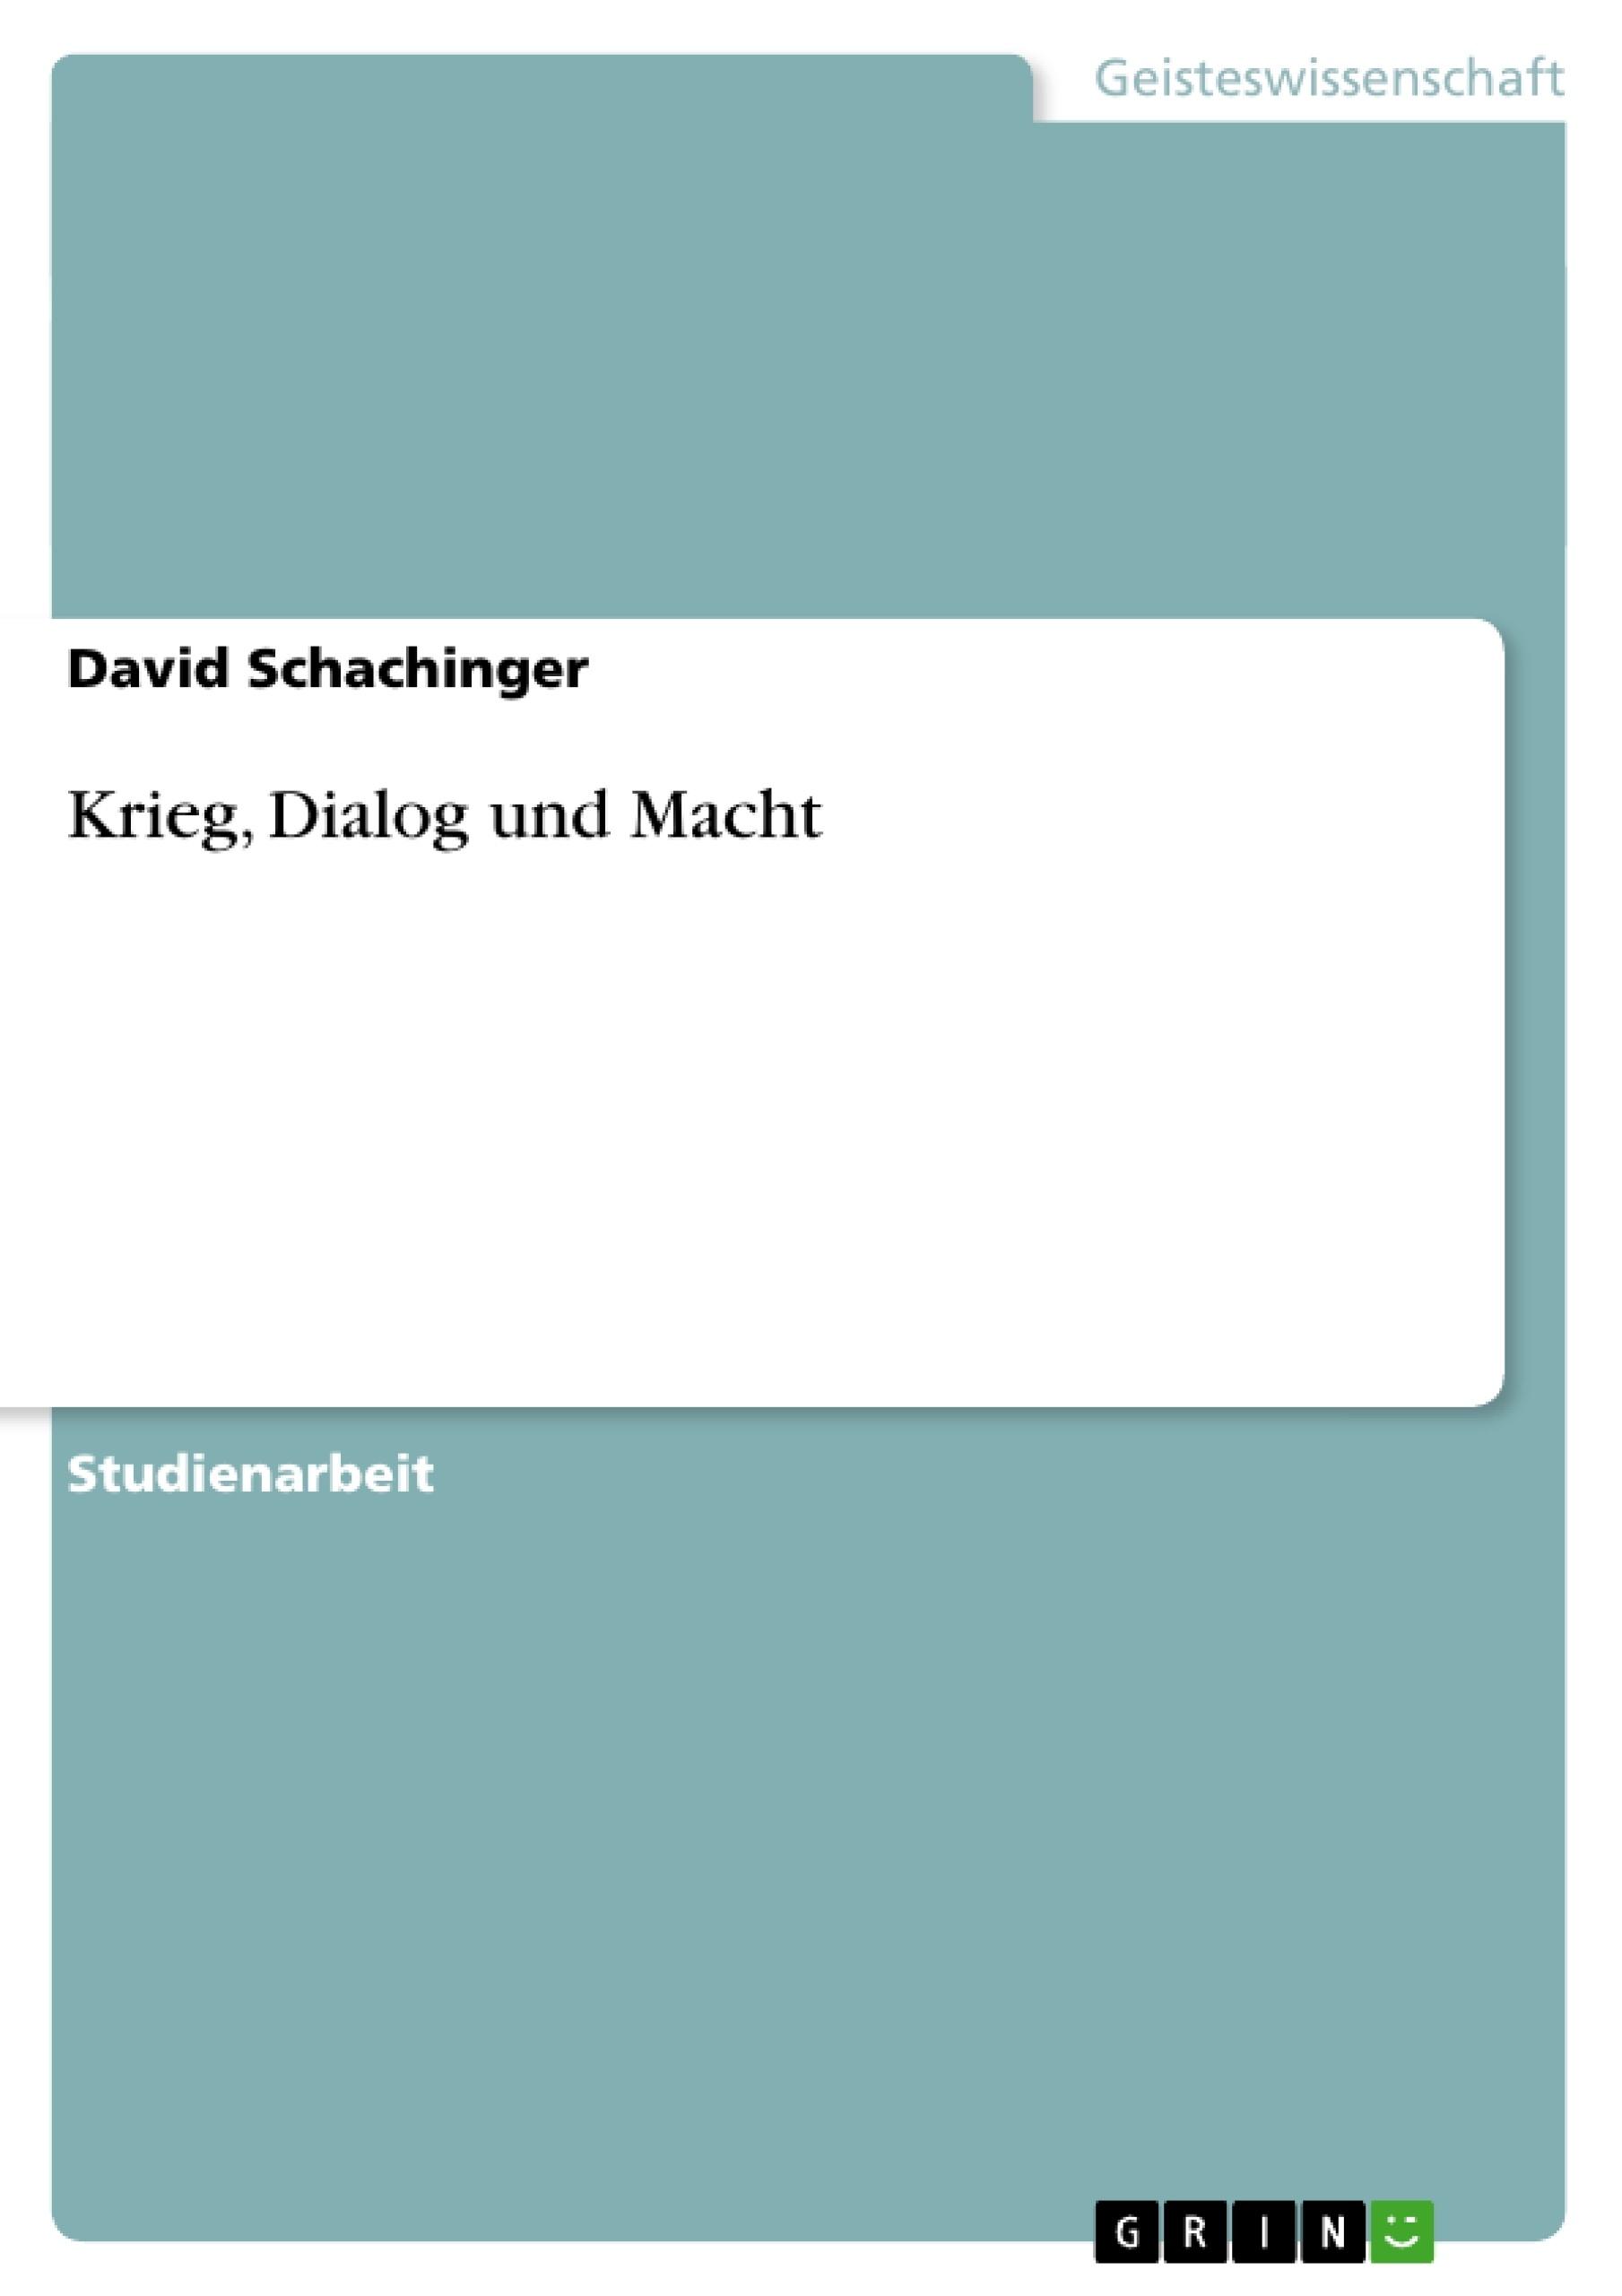 Titel: Krieg, Dialog und Macht